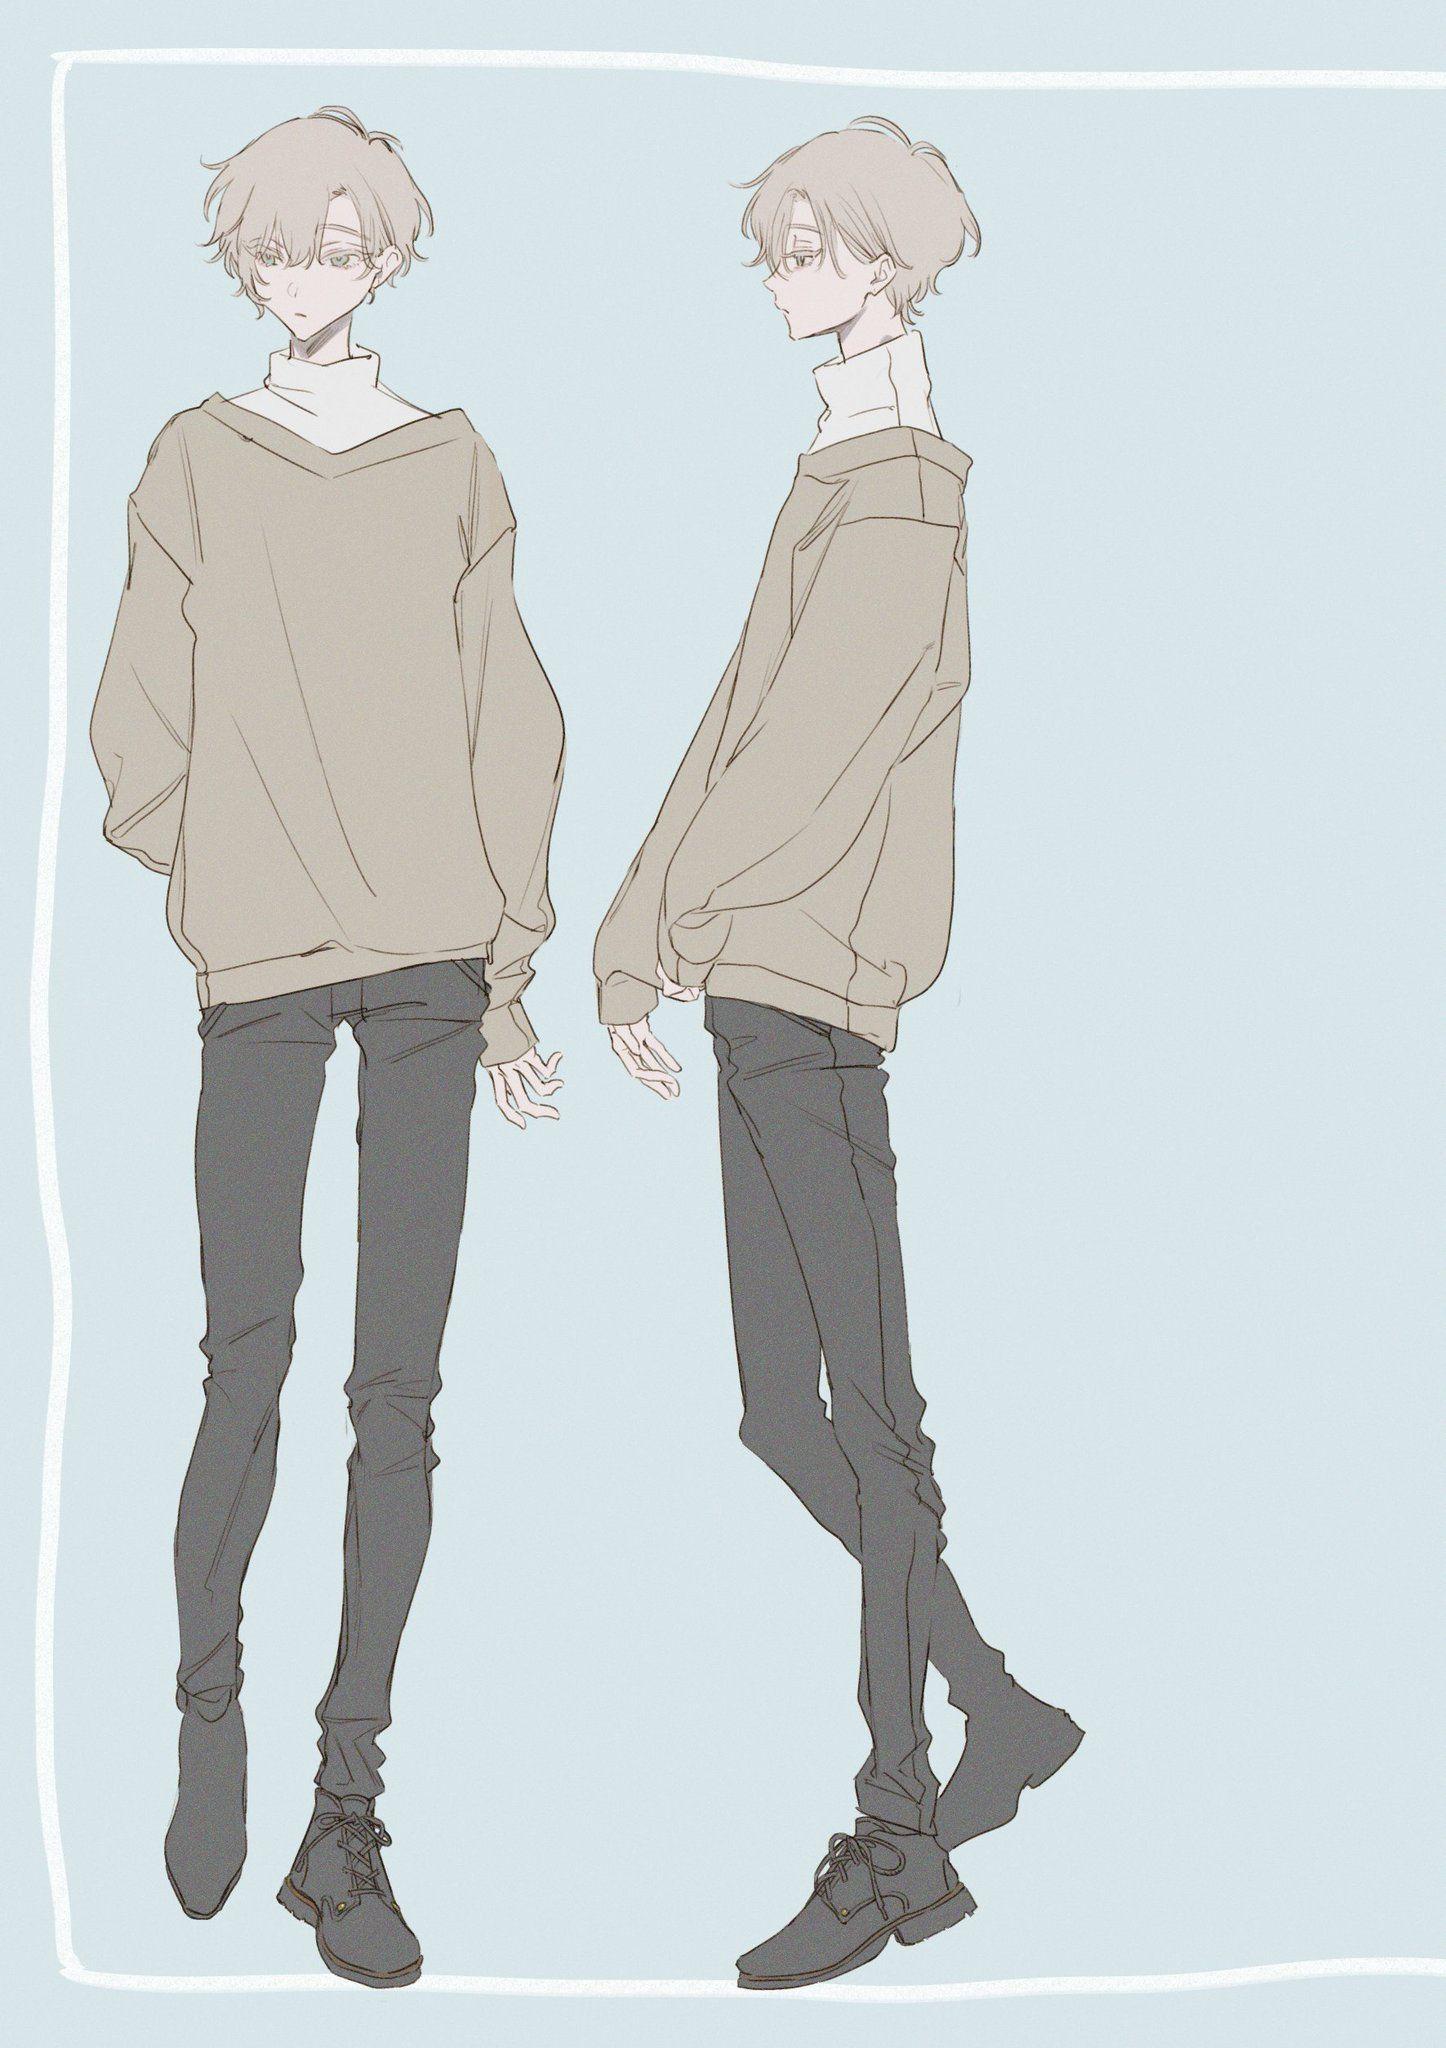 Aesthetic Outfits Anime Boy Novocom Top